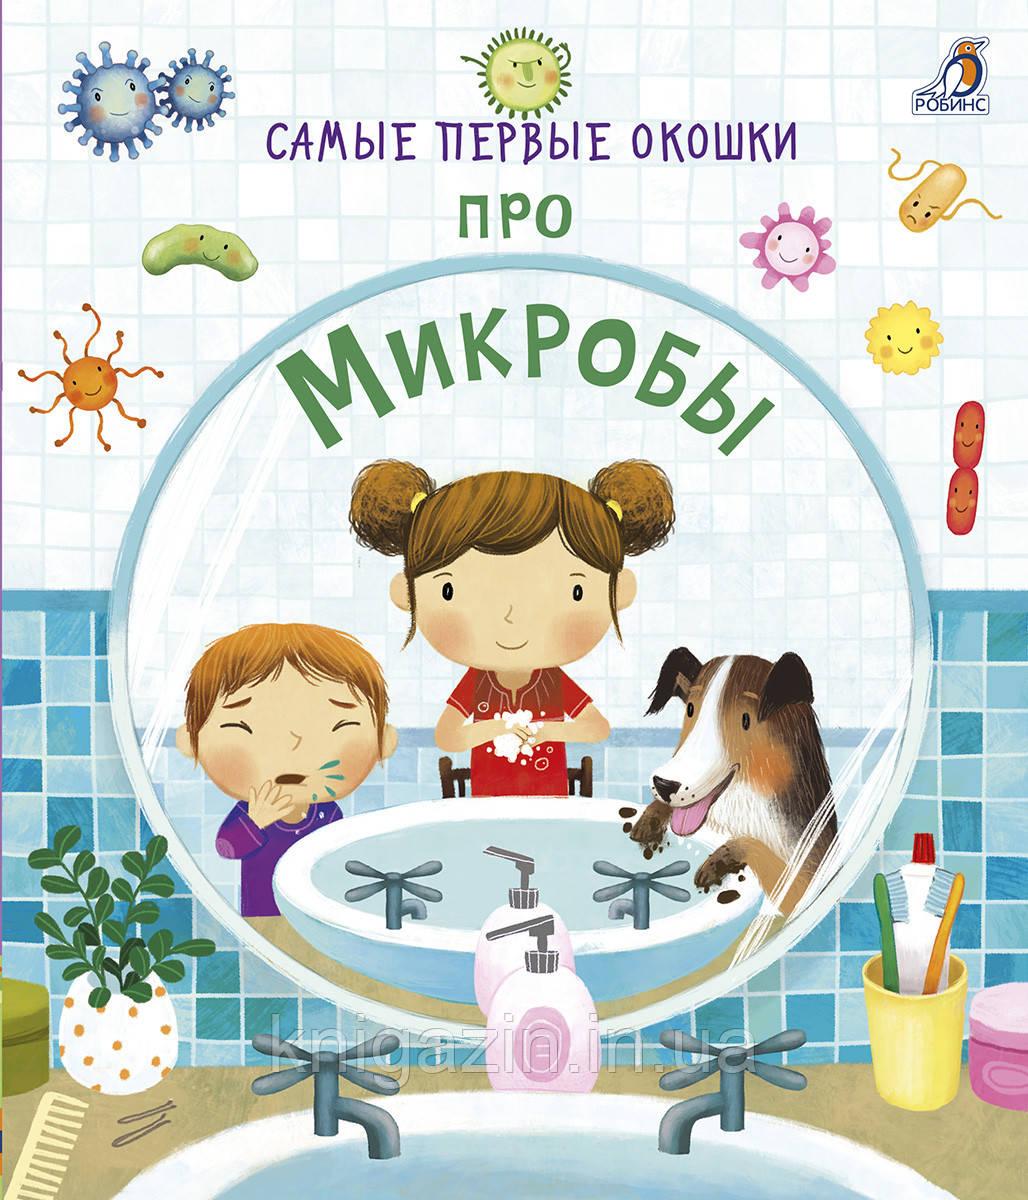 Детская книга Самые первые окошки. Про микробы Для детей от 2 лет